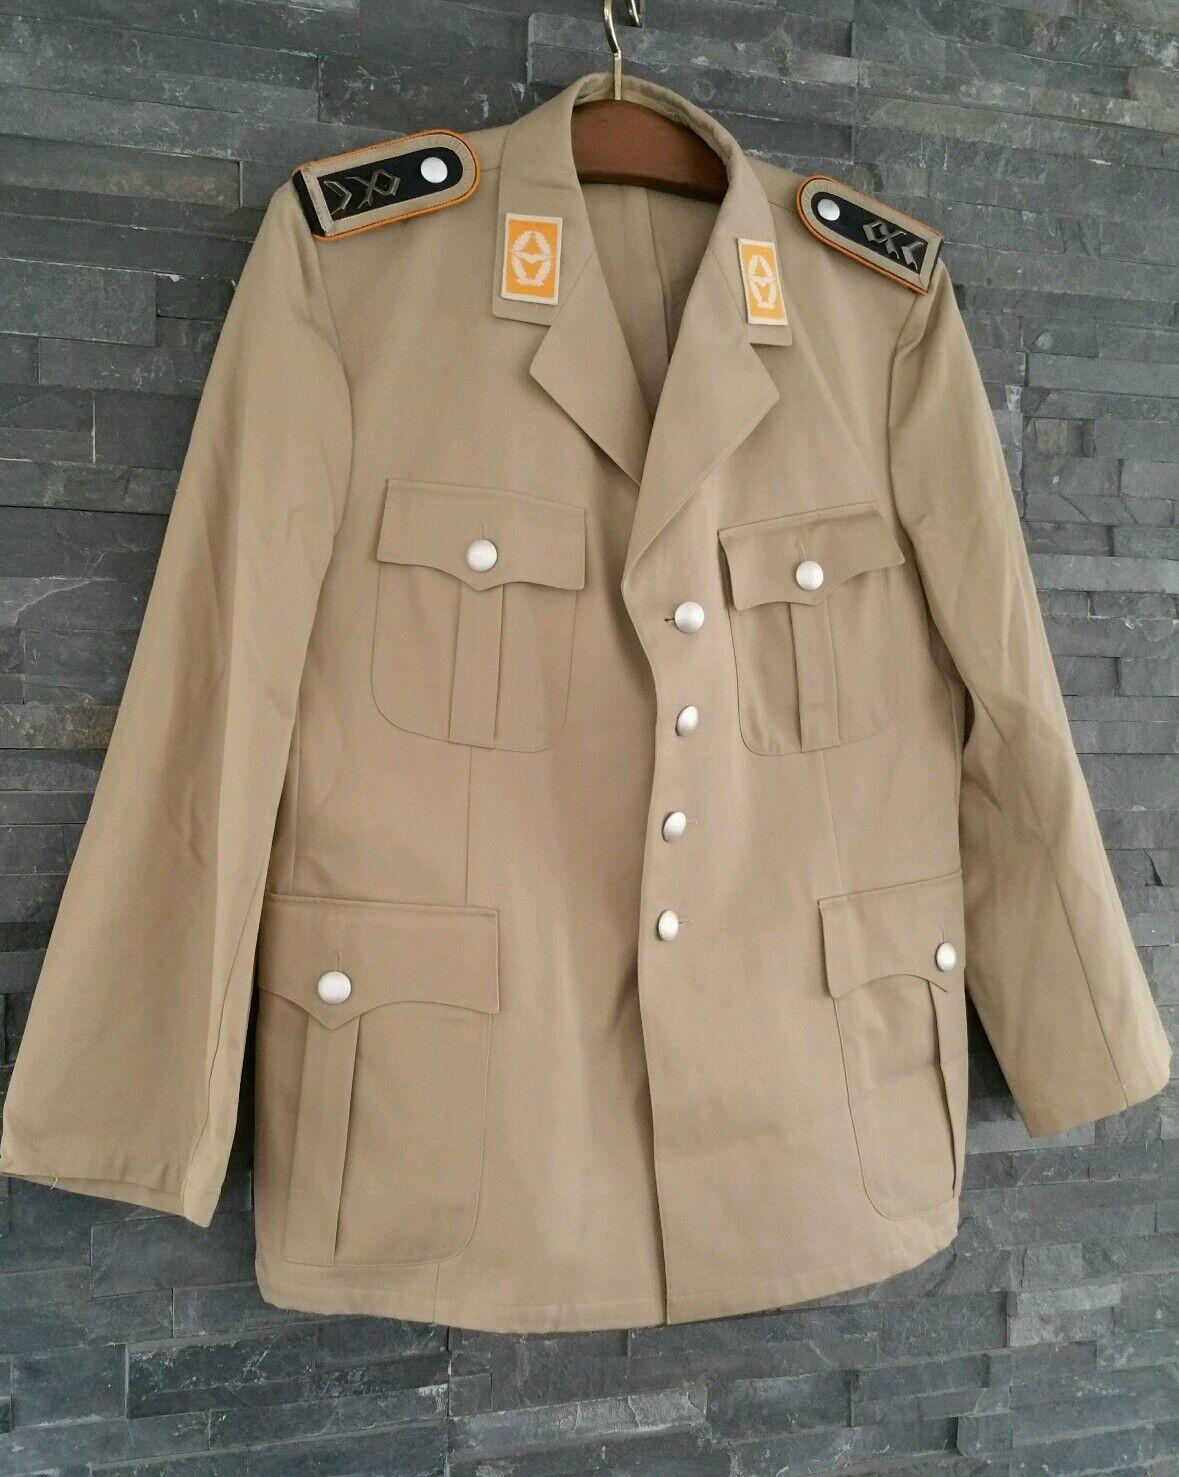 bundeswehr uniformjacke tropen luftwaffe bw uniform kost m. Black Bedroom Furniture Sets. Home Design Ideas